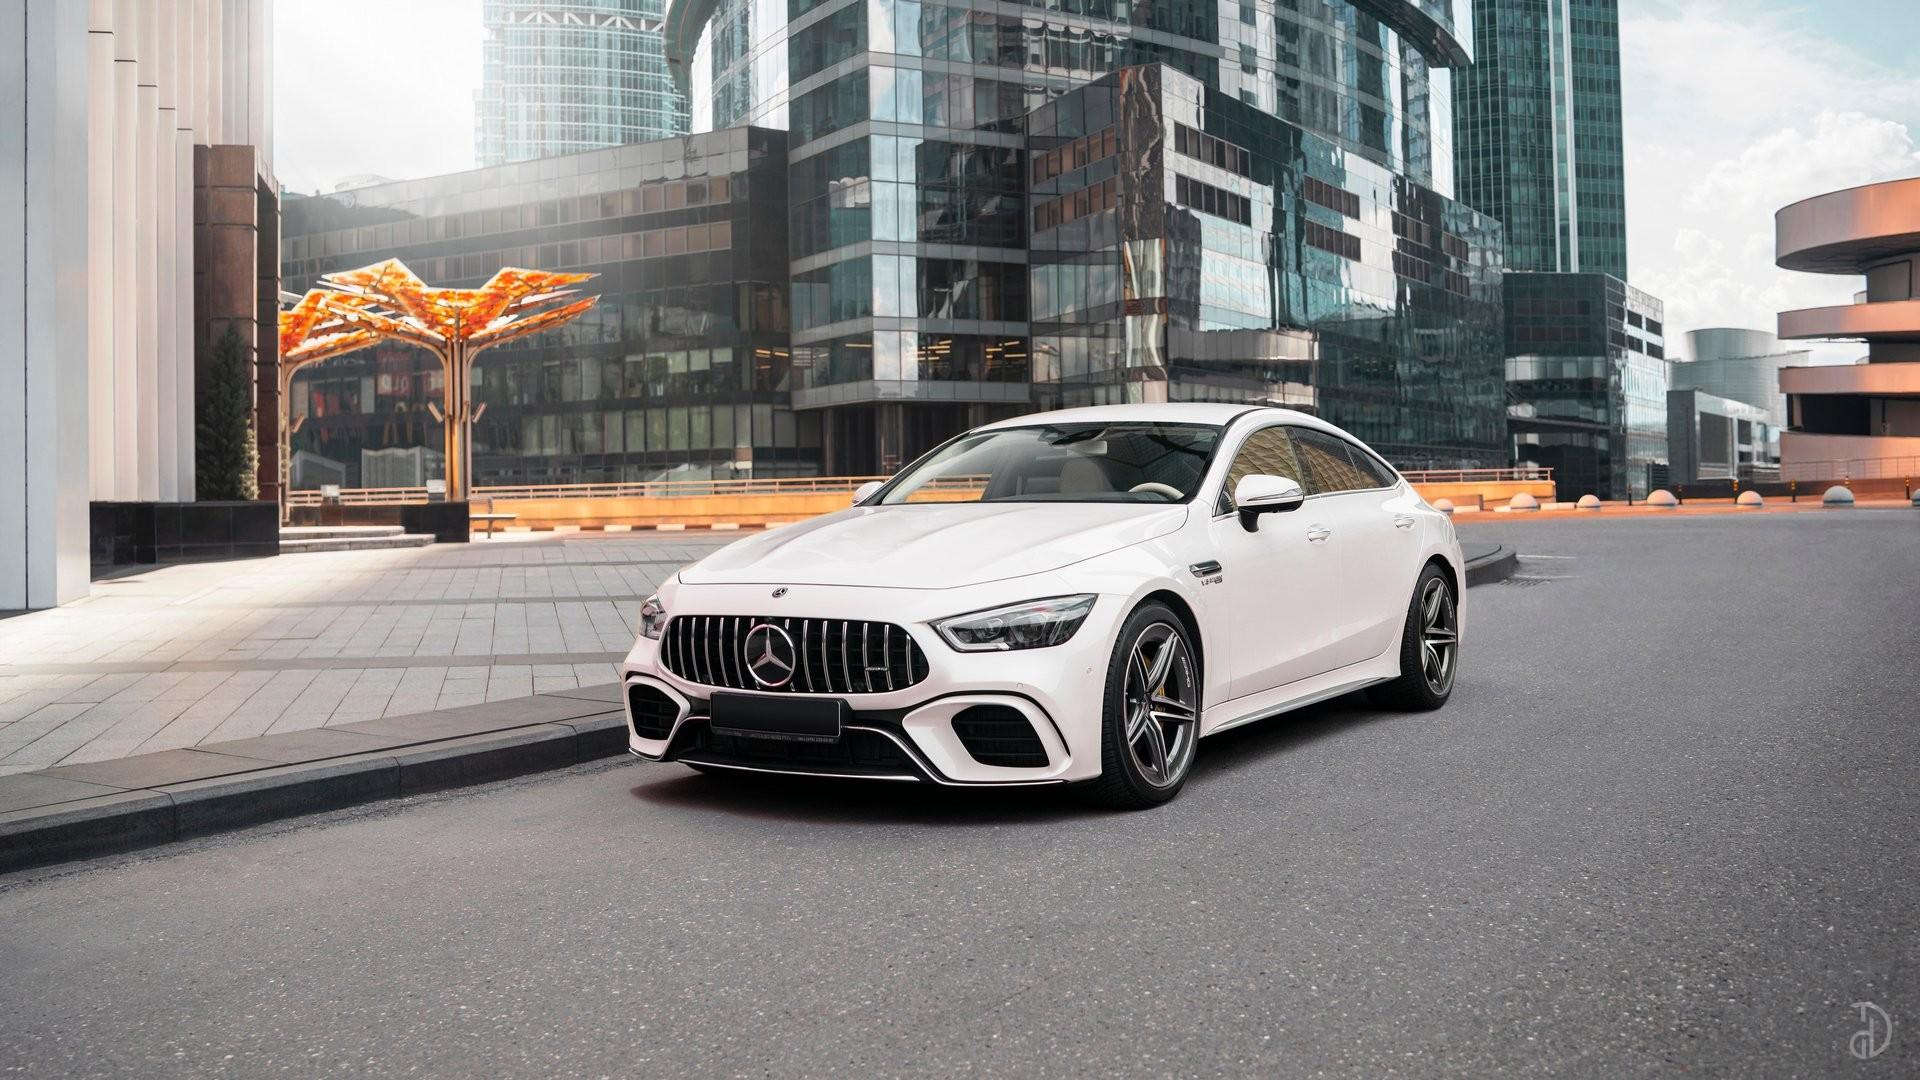 Аренда Mercedes-Benz AMG GT 63s 4 дв. купе. Фото 1